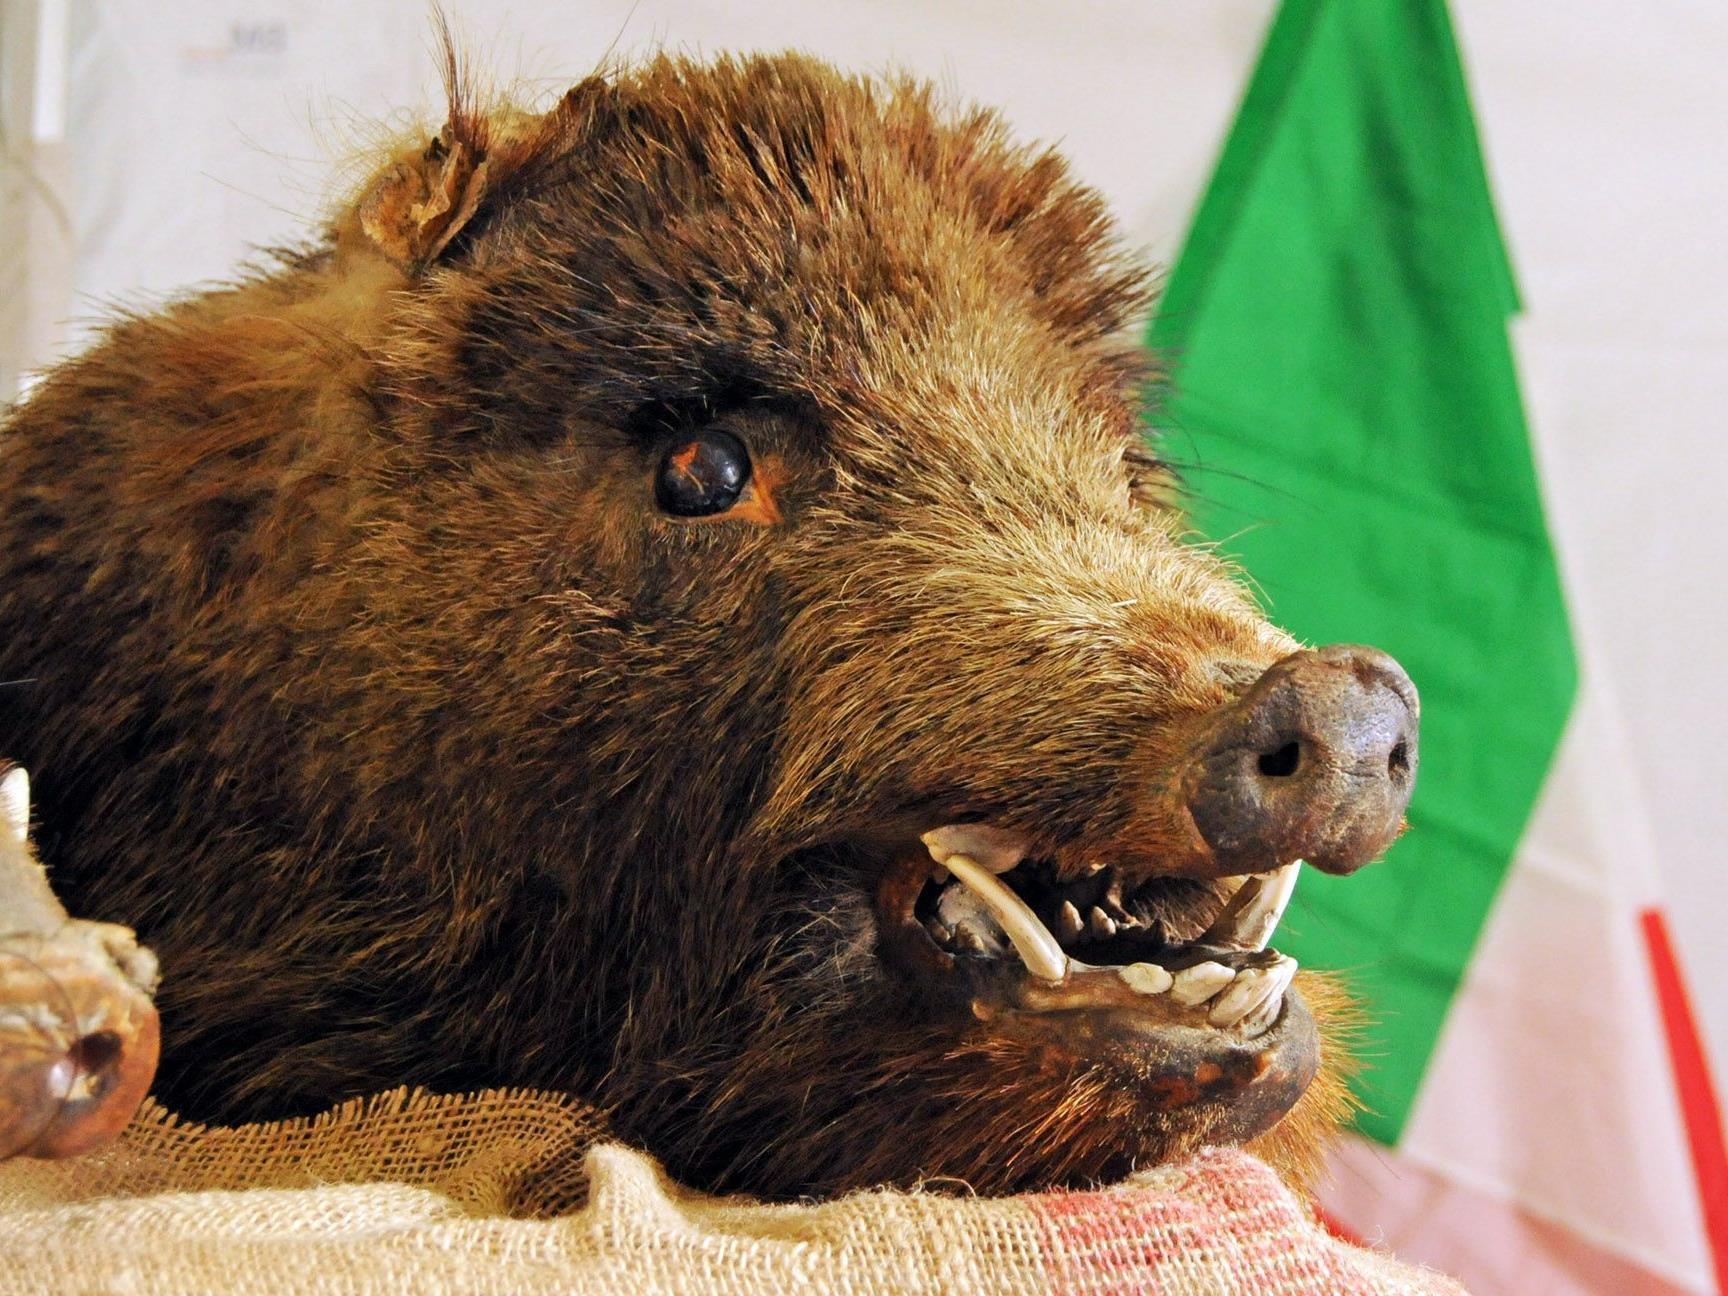 Feines vom Wildschwein beim italienischen Markt in Hard